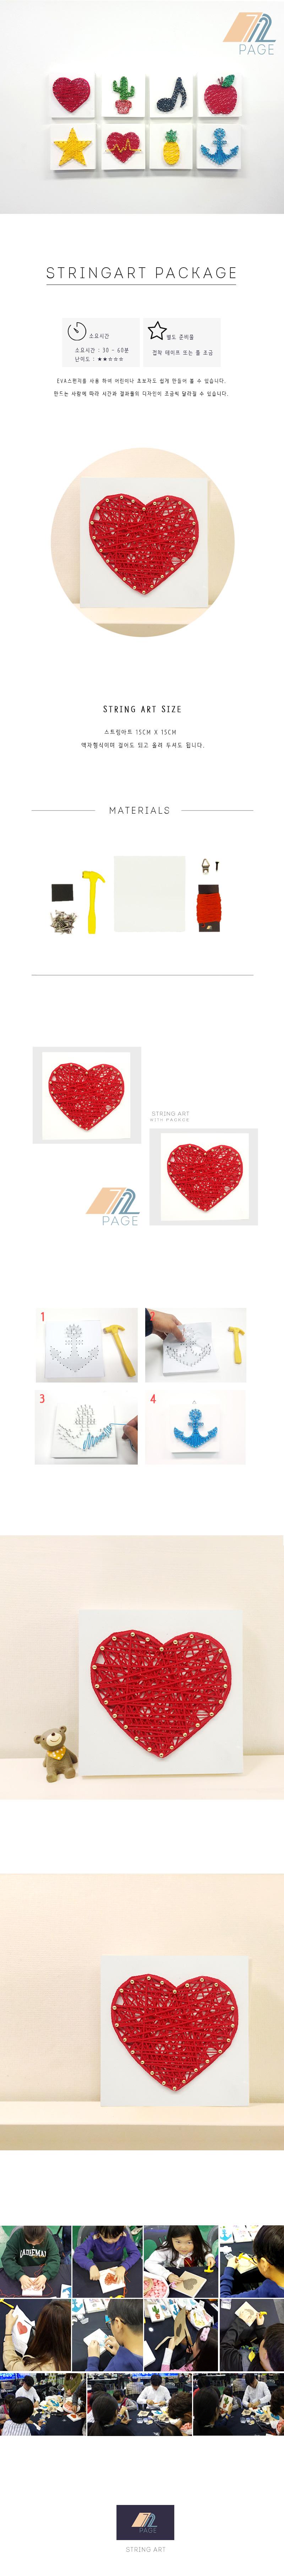 꼬마 하트 스트링아트 만들기 패키지 DIY (EVA) - 72페이지, 8,000원, DIY그리기, 스트링아트